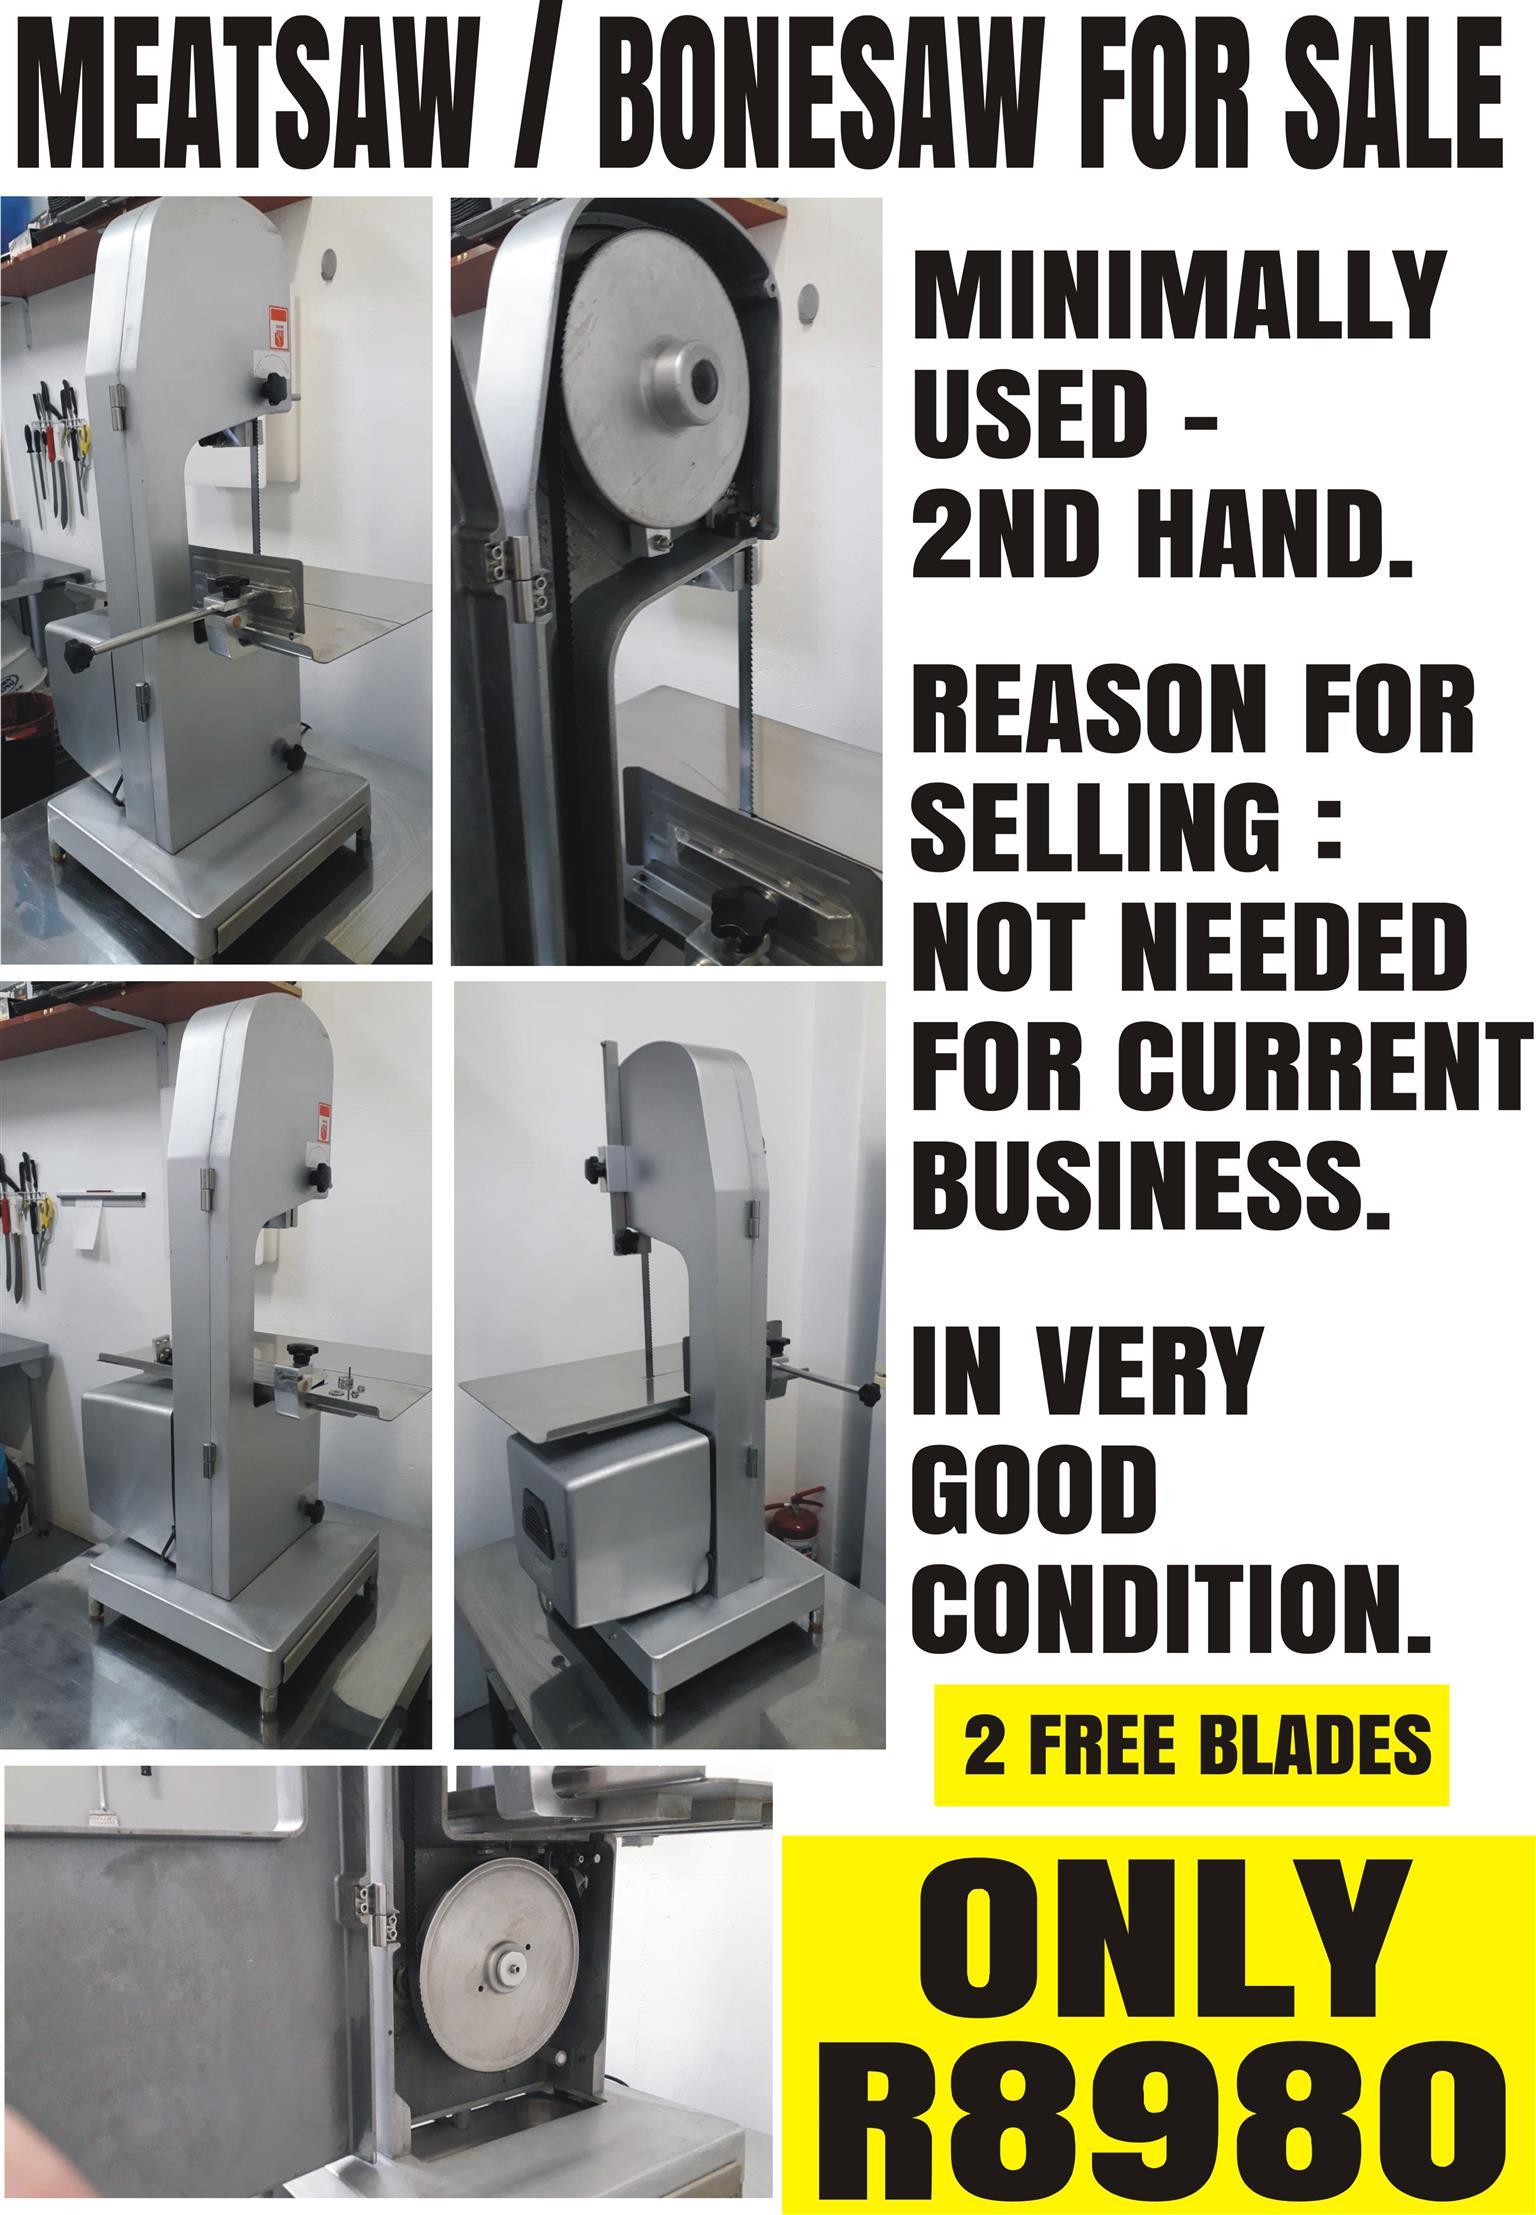 Bone saw / meat saw for sale